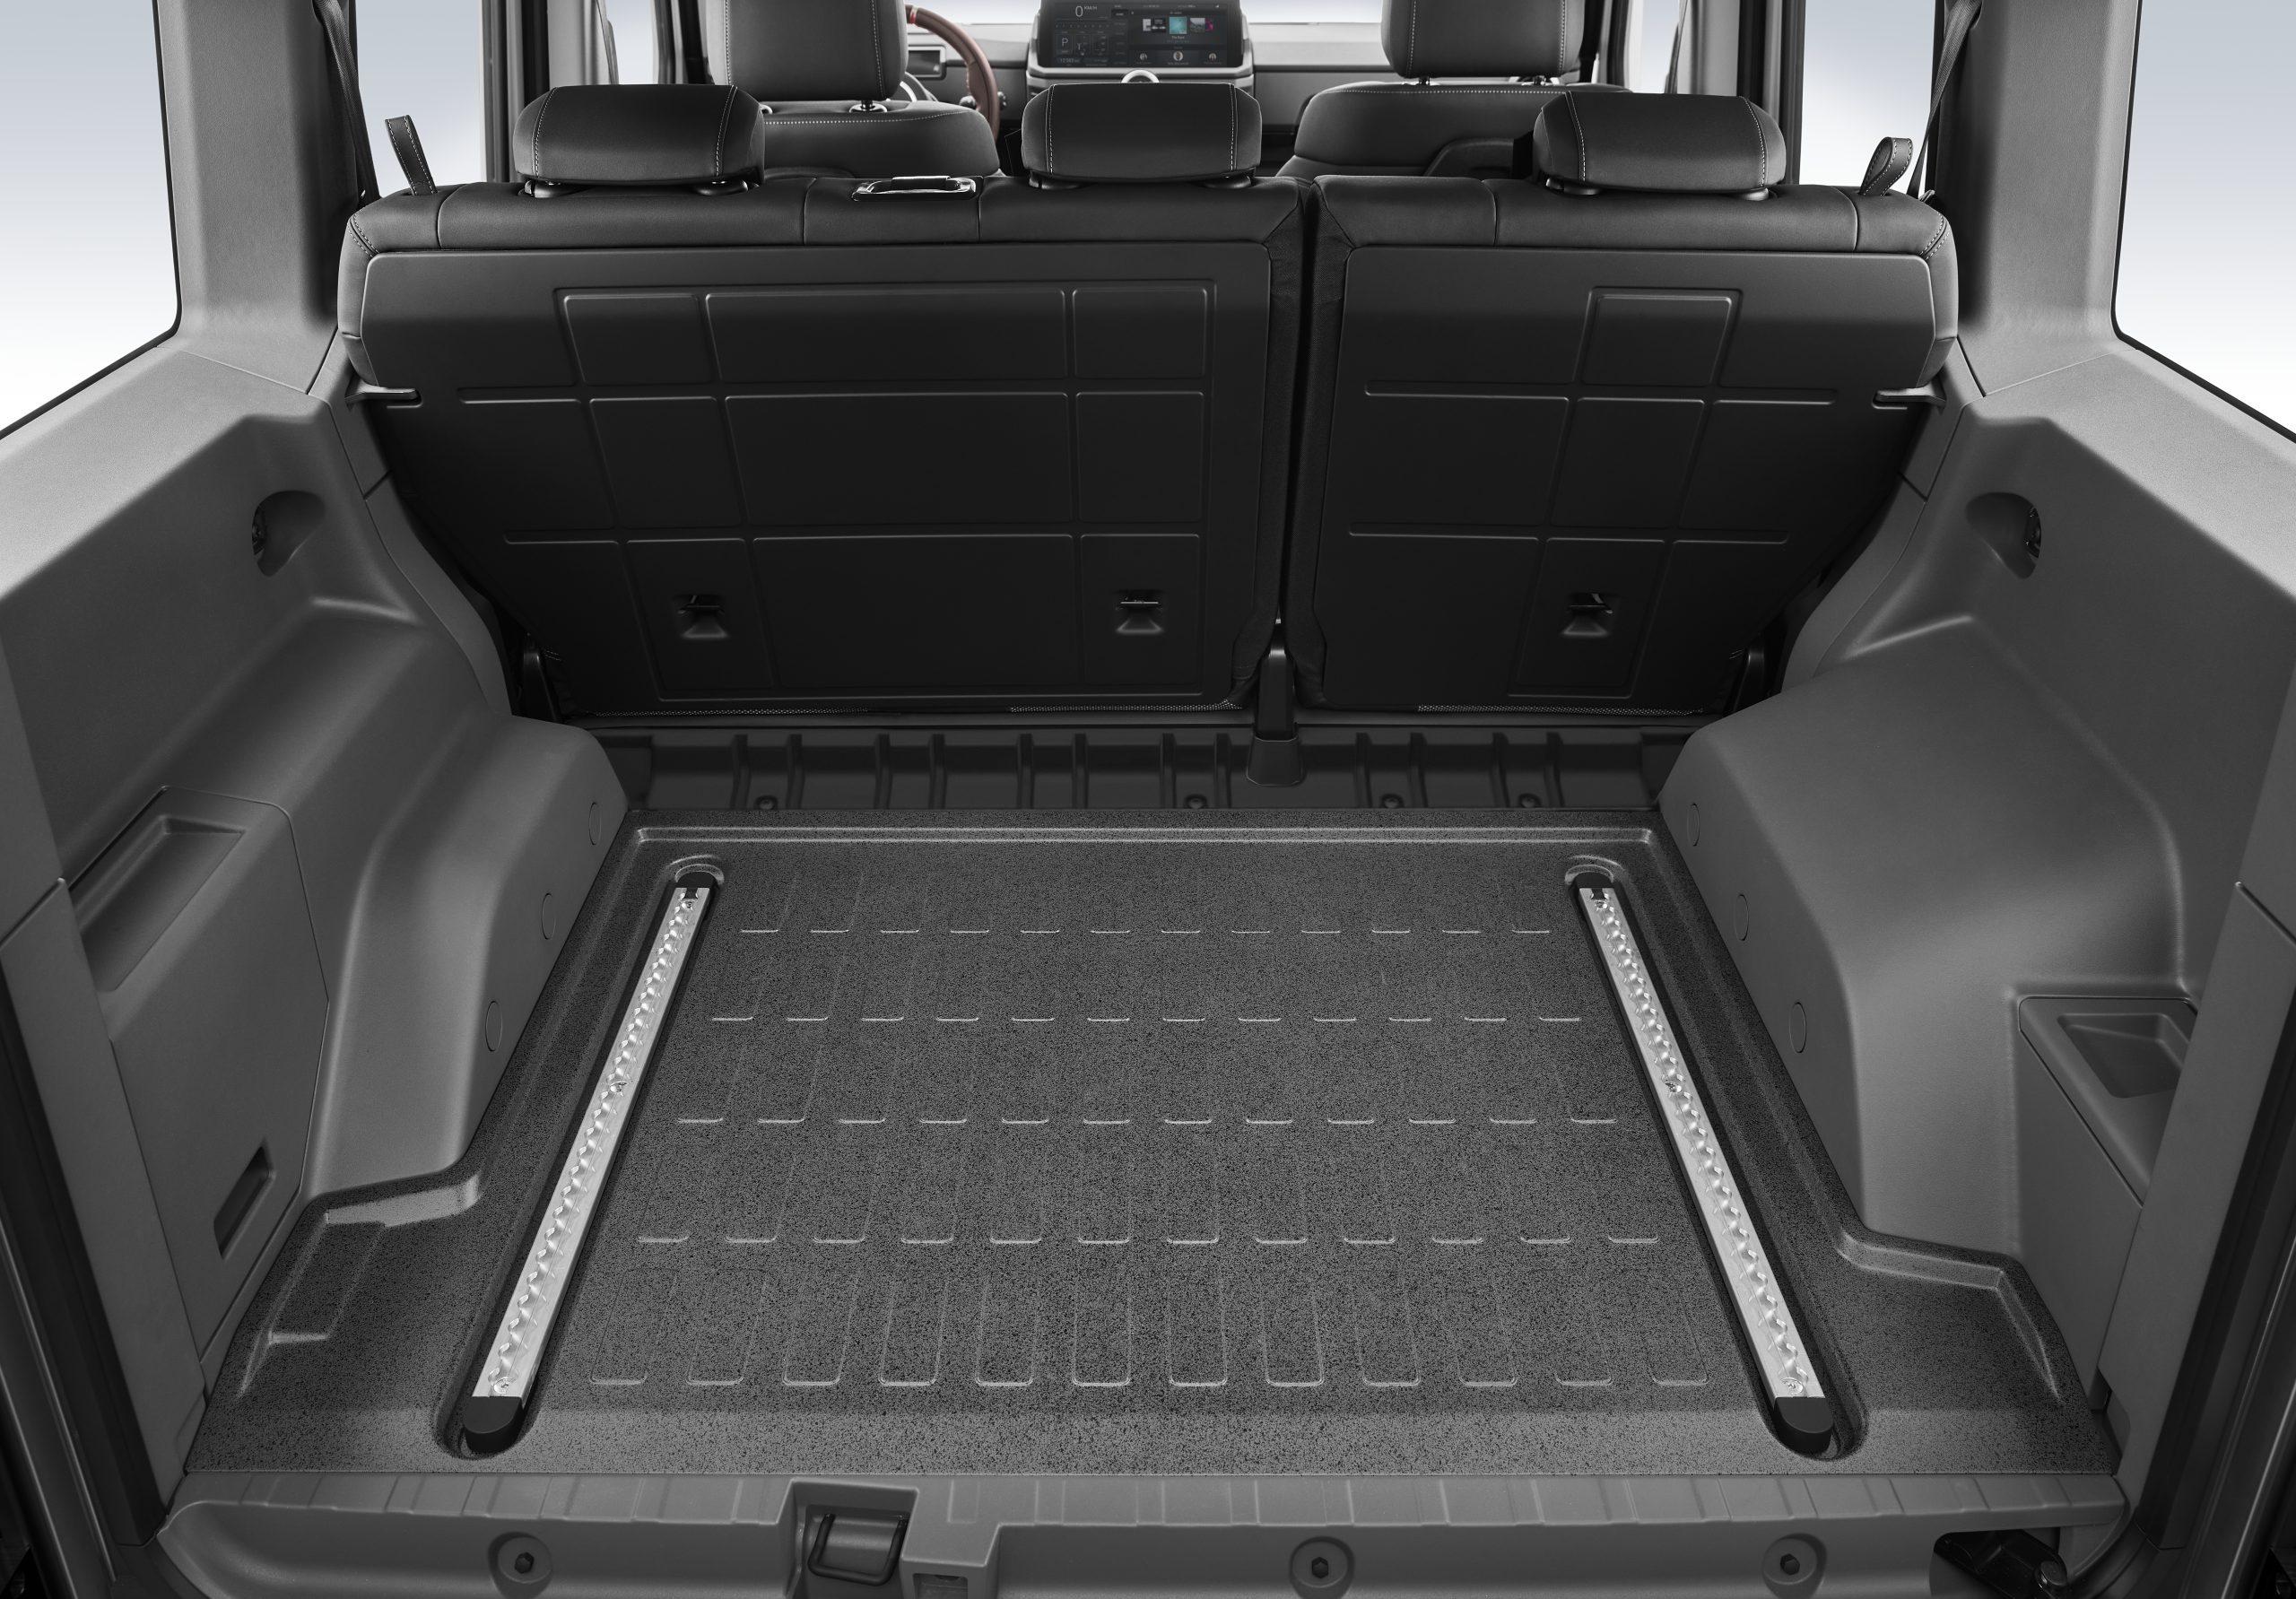 Ineos Grenadier interior rear cargo